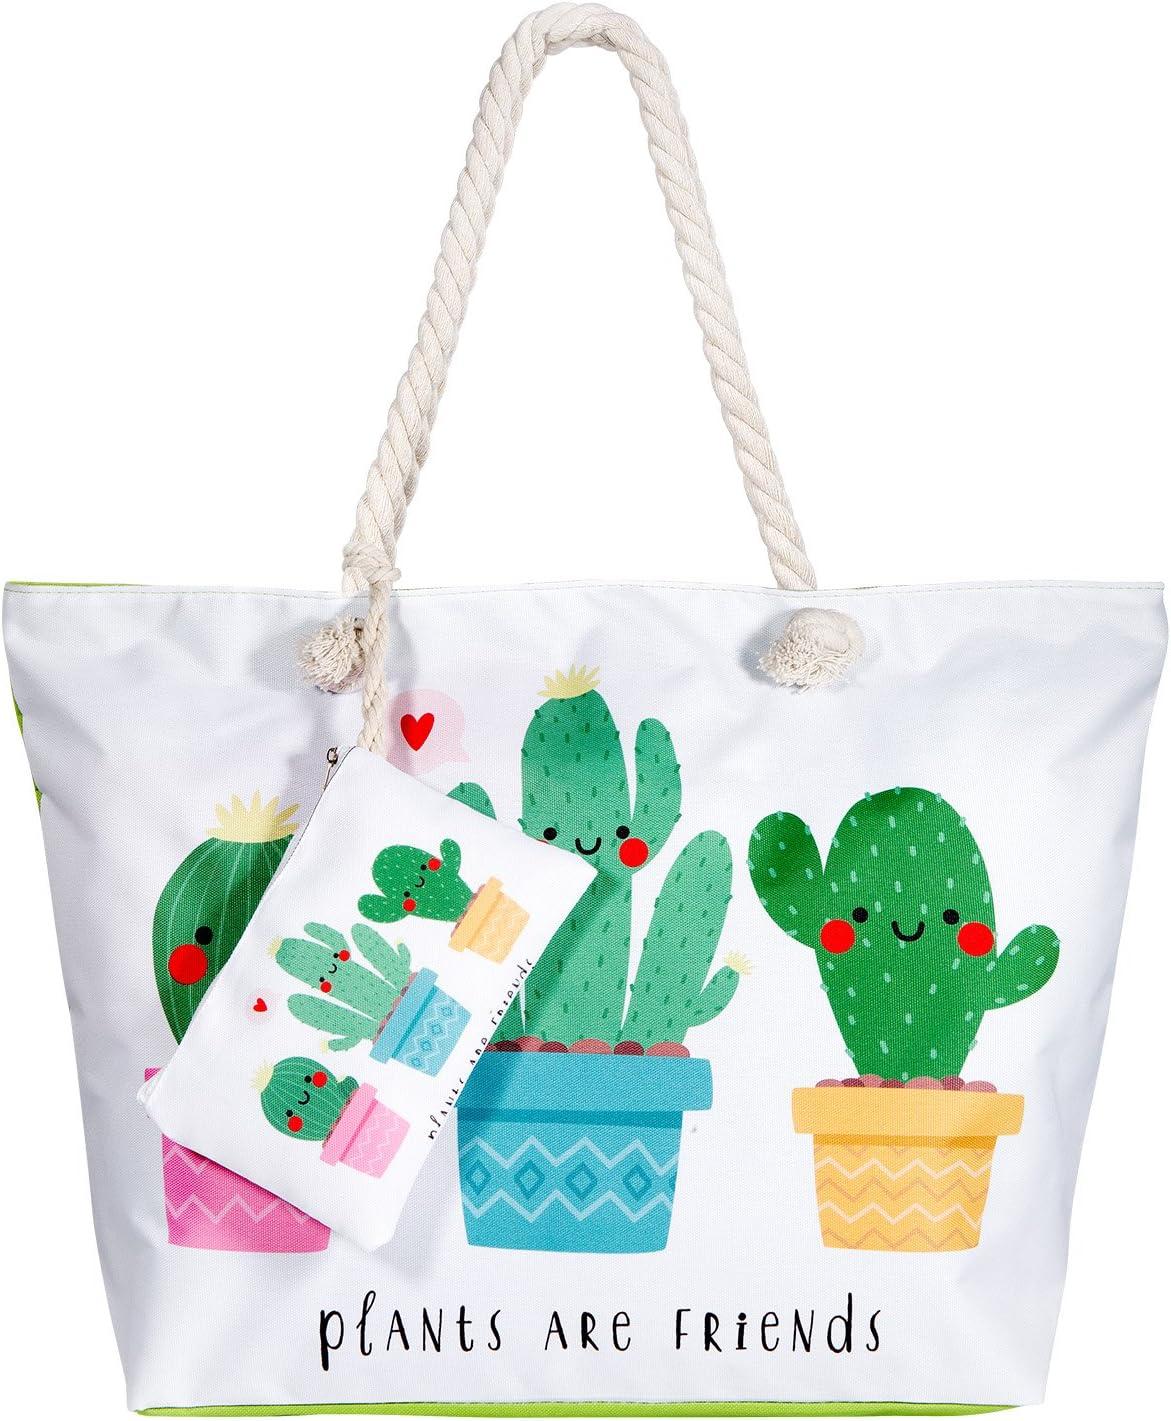 Comius Bolsa de Playa, Bolsa de playa grande con cremallera, Bolso de Mano de Lona Mujer, Shopper Bolsa Totalizadores del Recorrido (C)